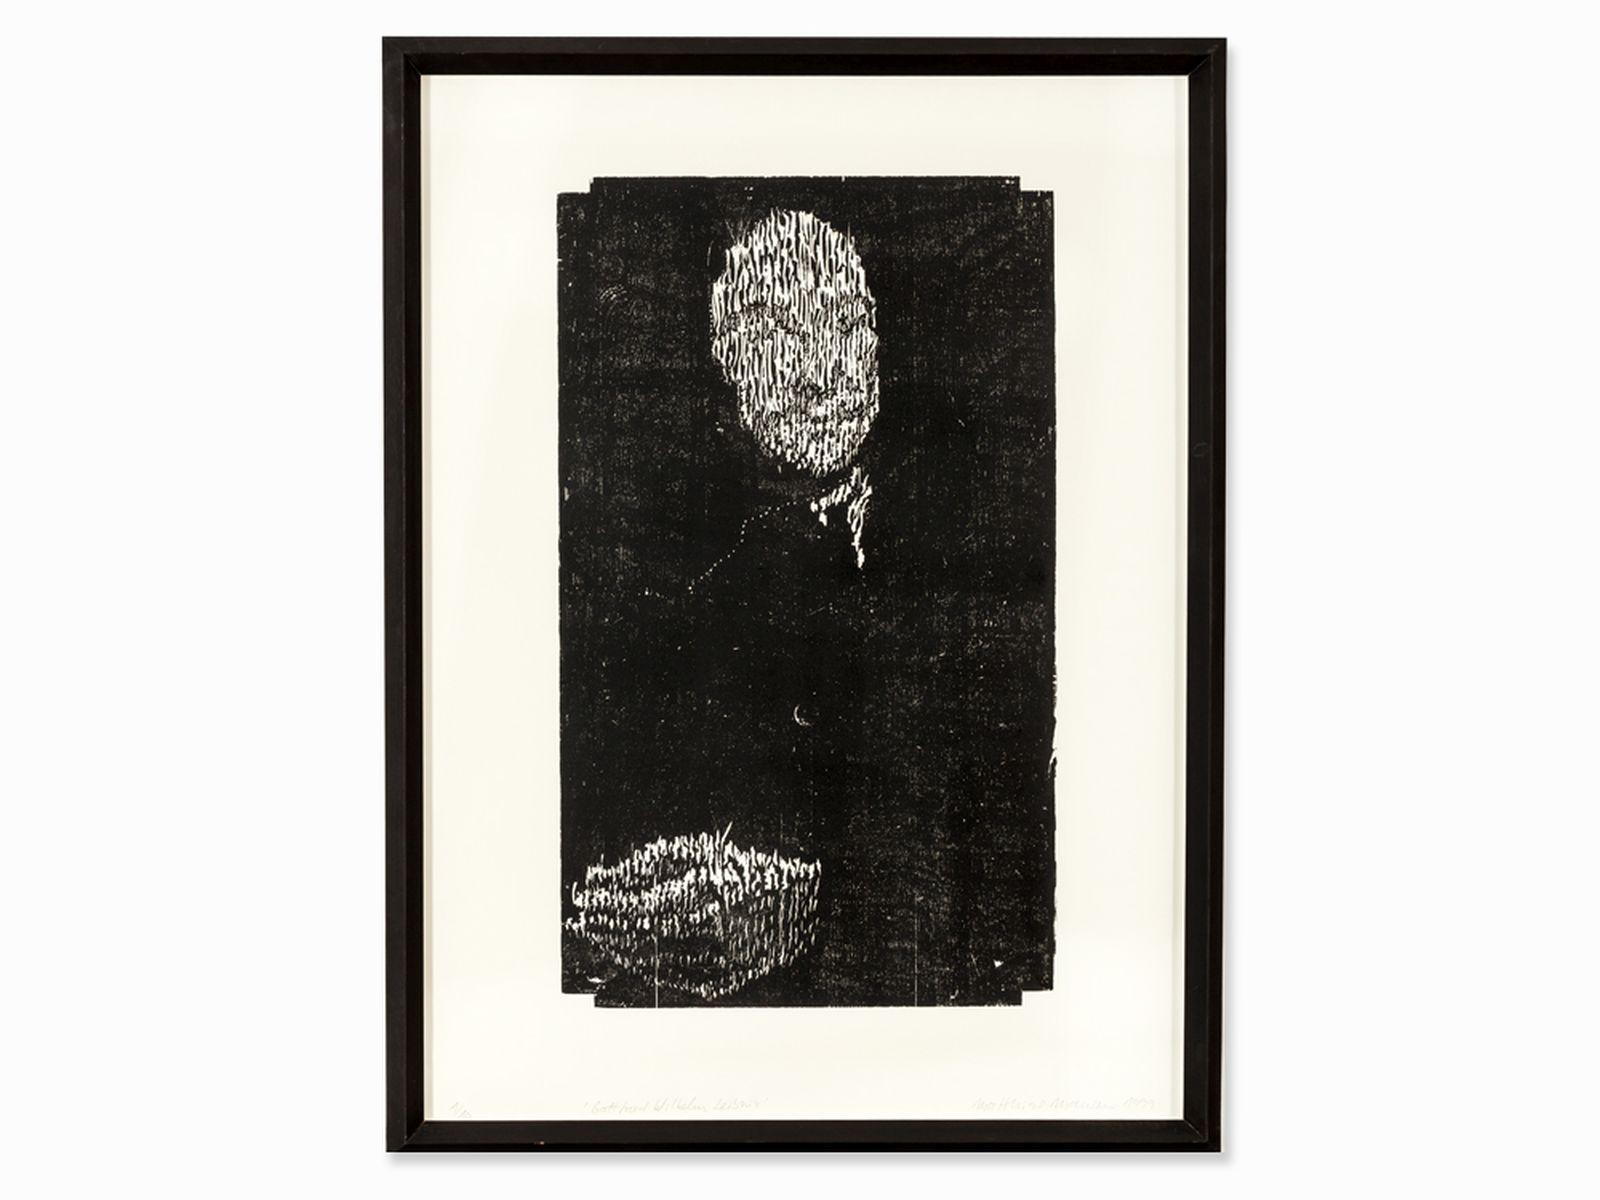 #7 Matthias Mansen (b. 1958), G.W. Leibniz, Woodcut, 1999 | Matthias Mansen (b. 1958), G.W. Leibniz, Holzschnitt, 1999 Image